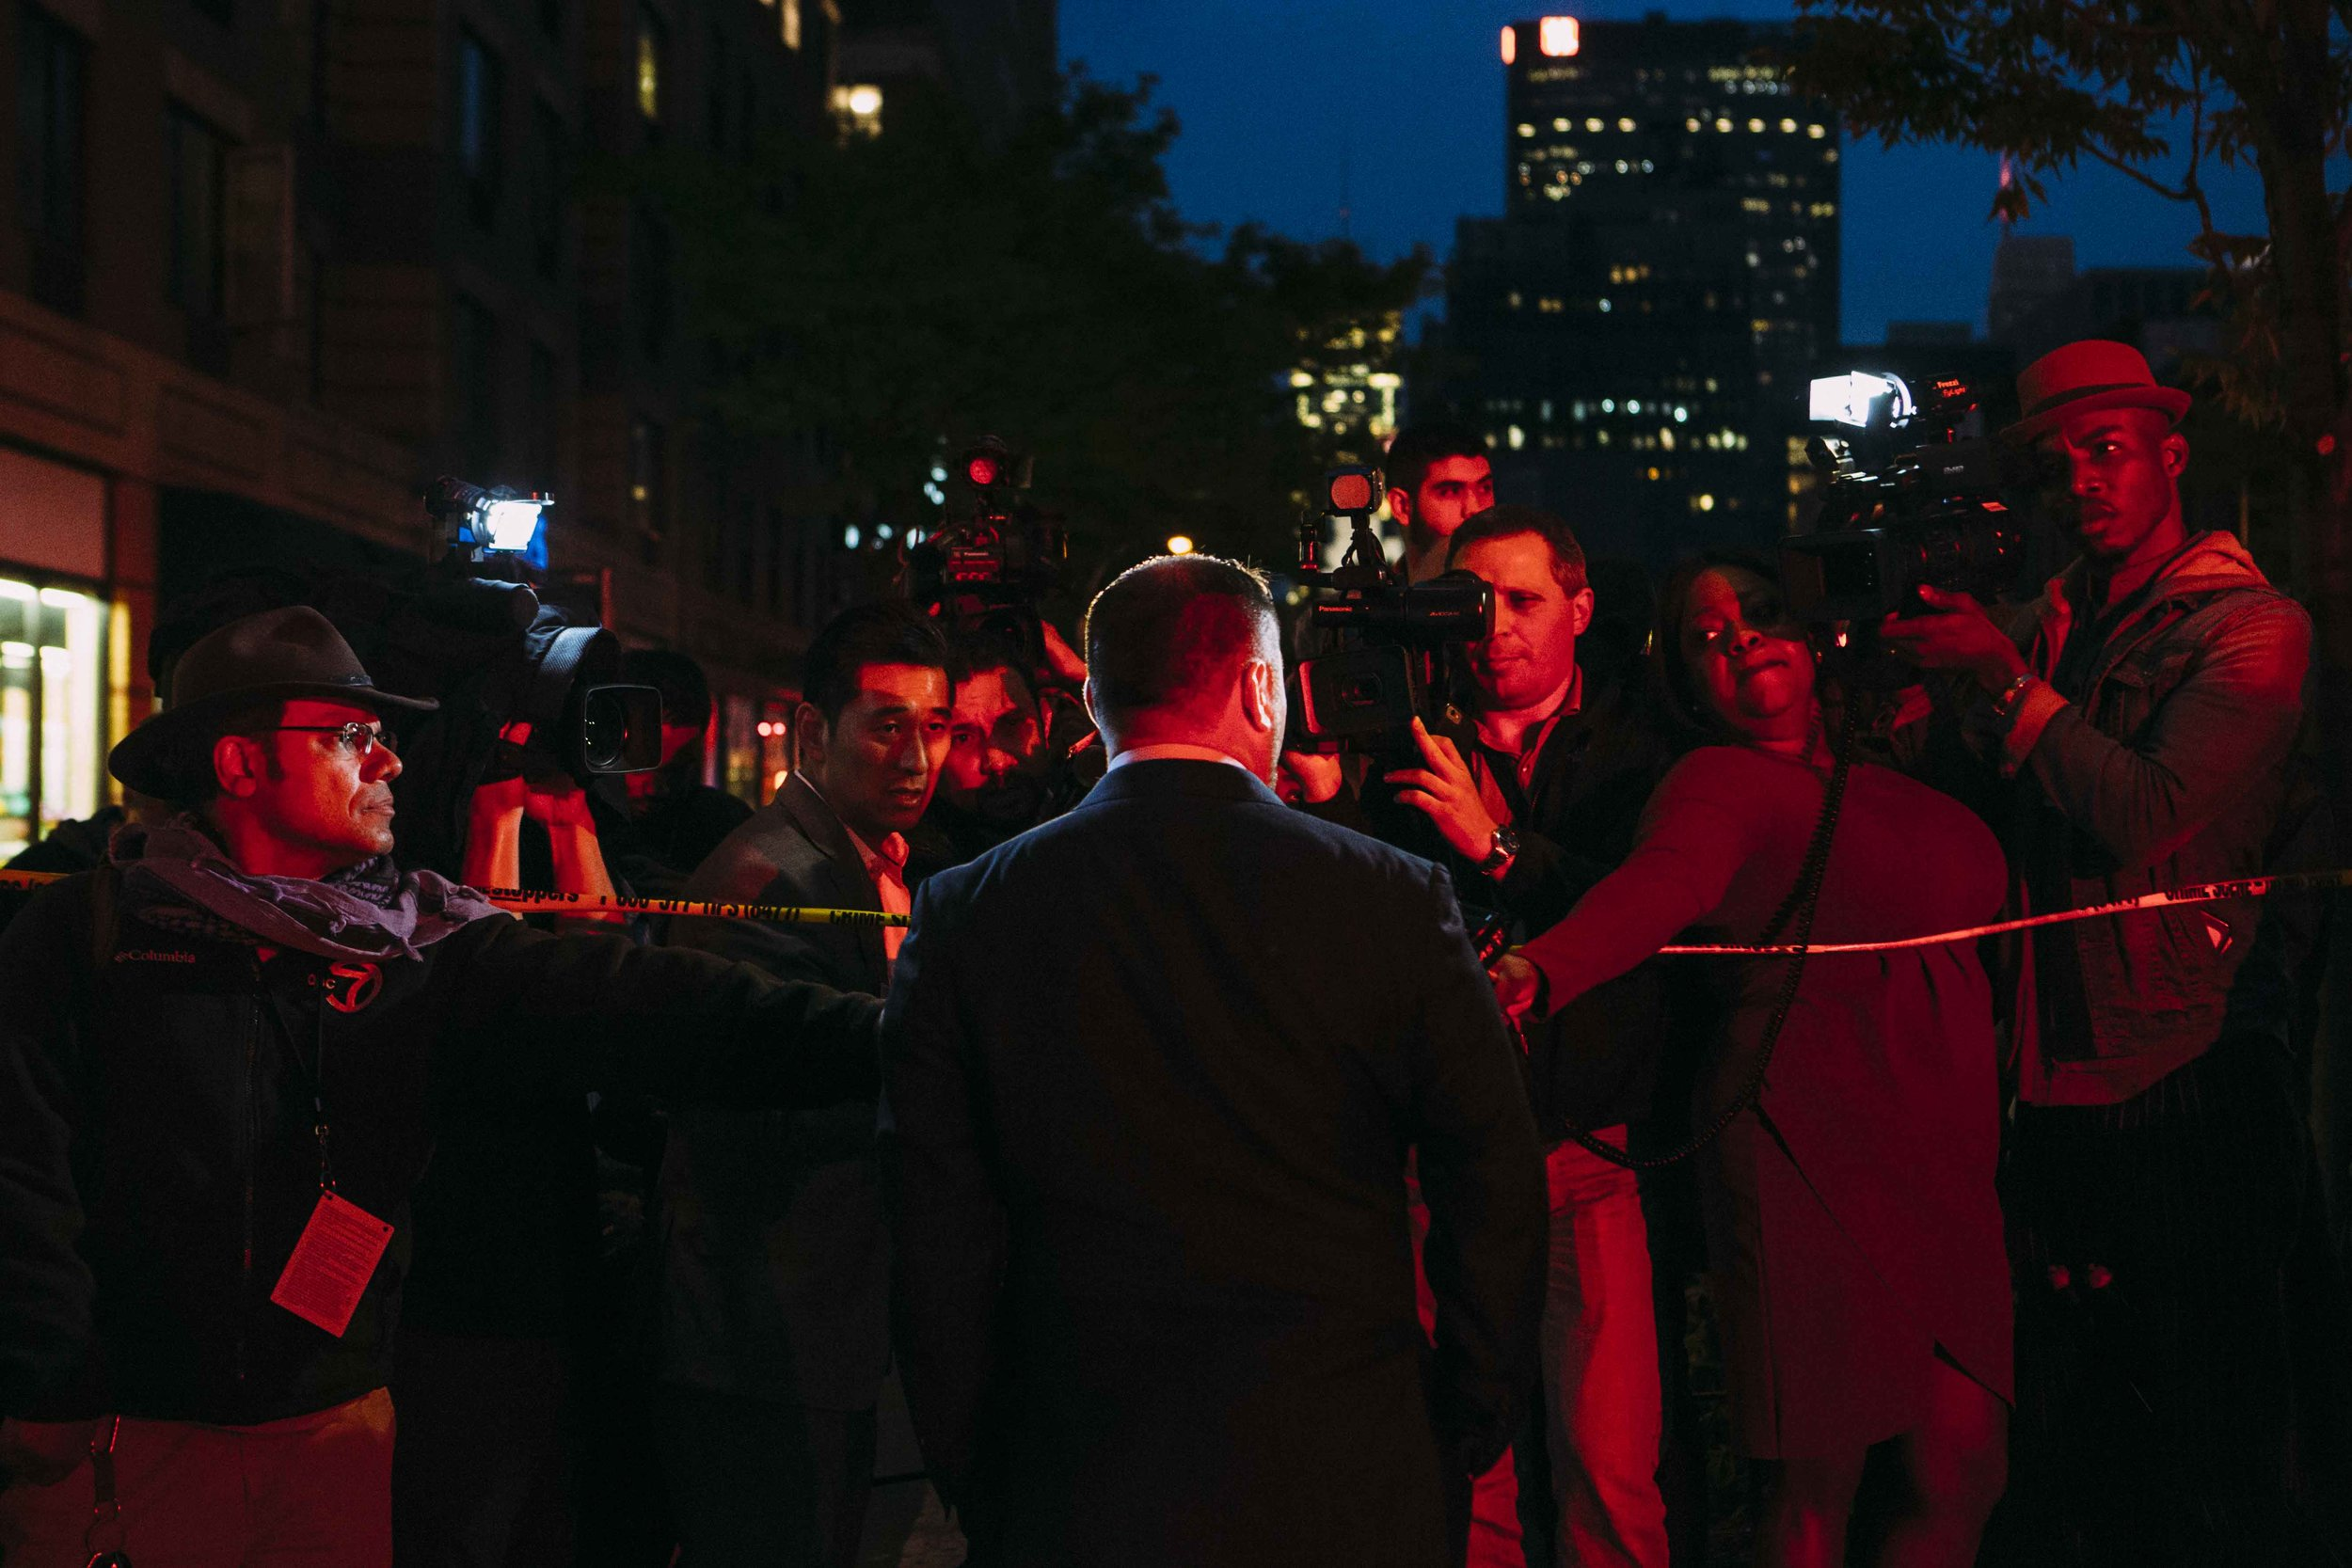 05-10-18 - Speaker Corey Johnson visits car carsh scene in Chelsea - Credit Emil Cohen_021.JPG